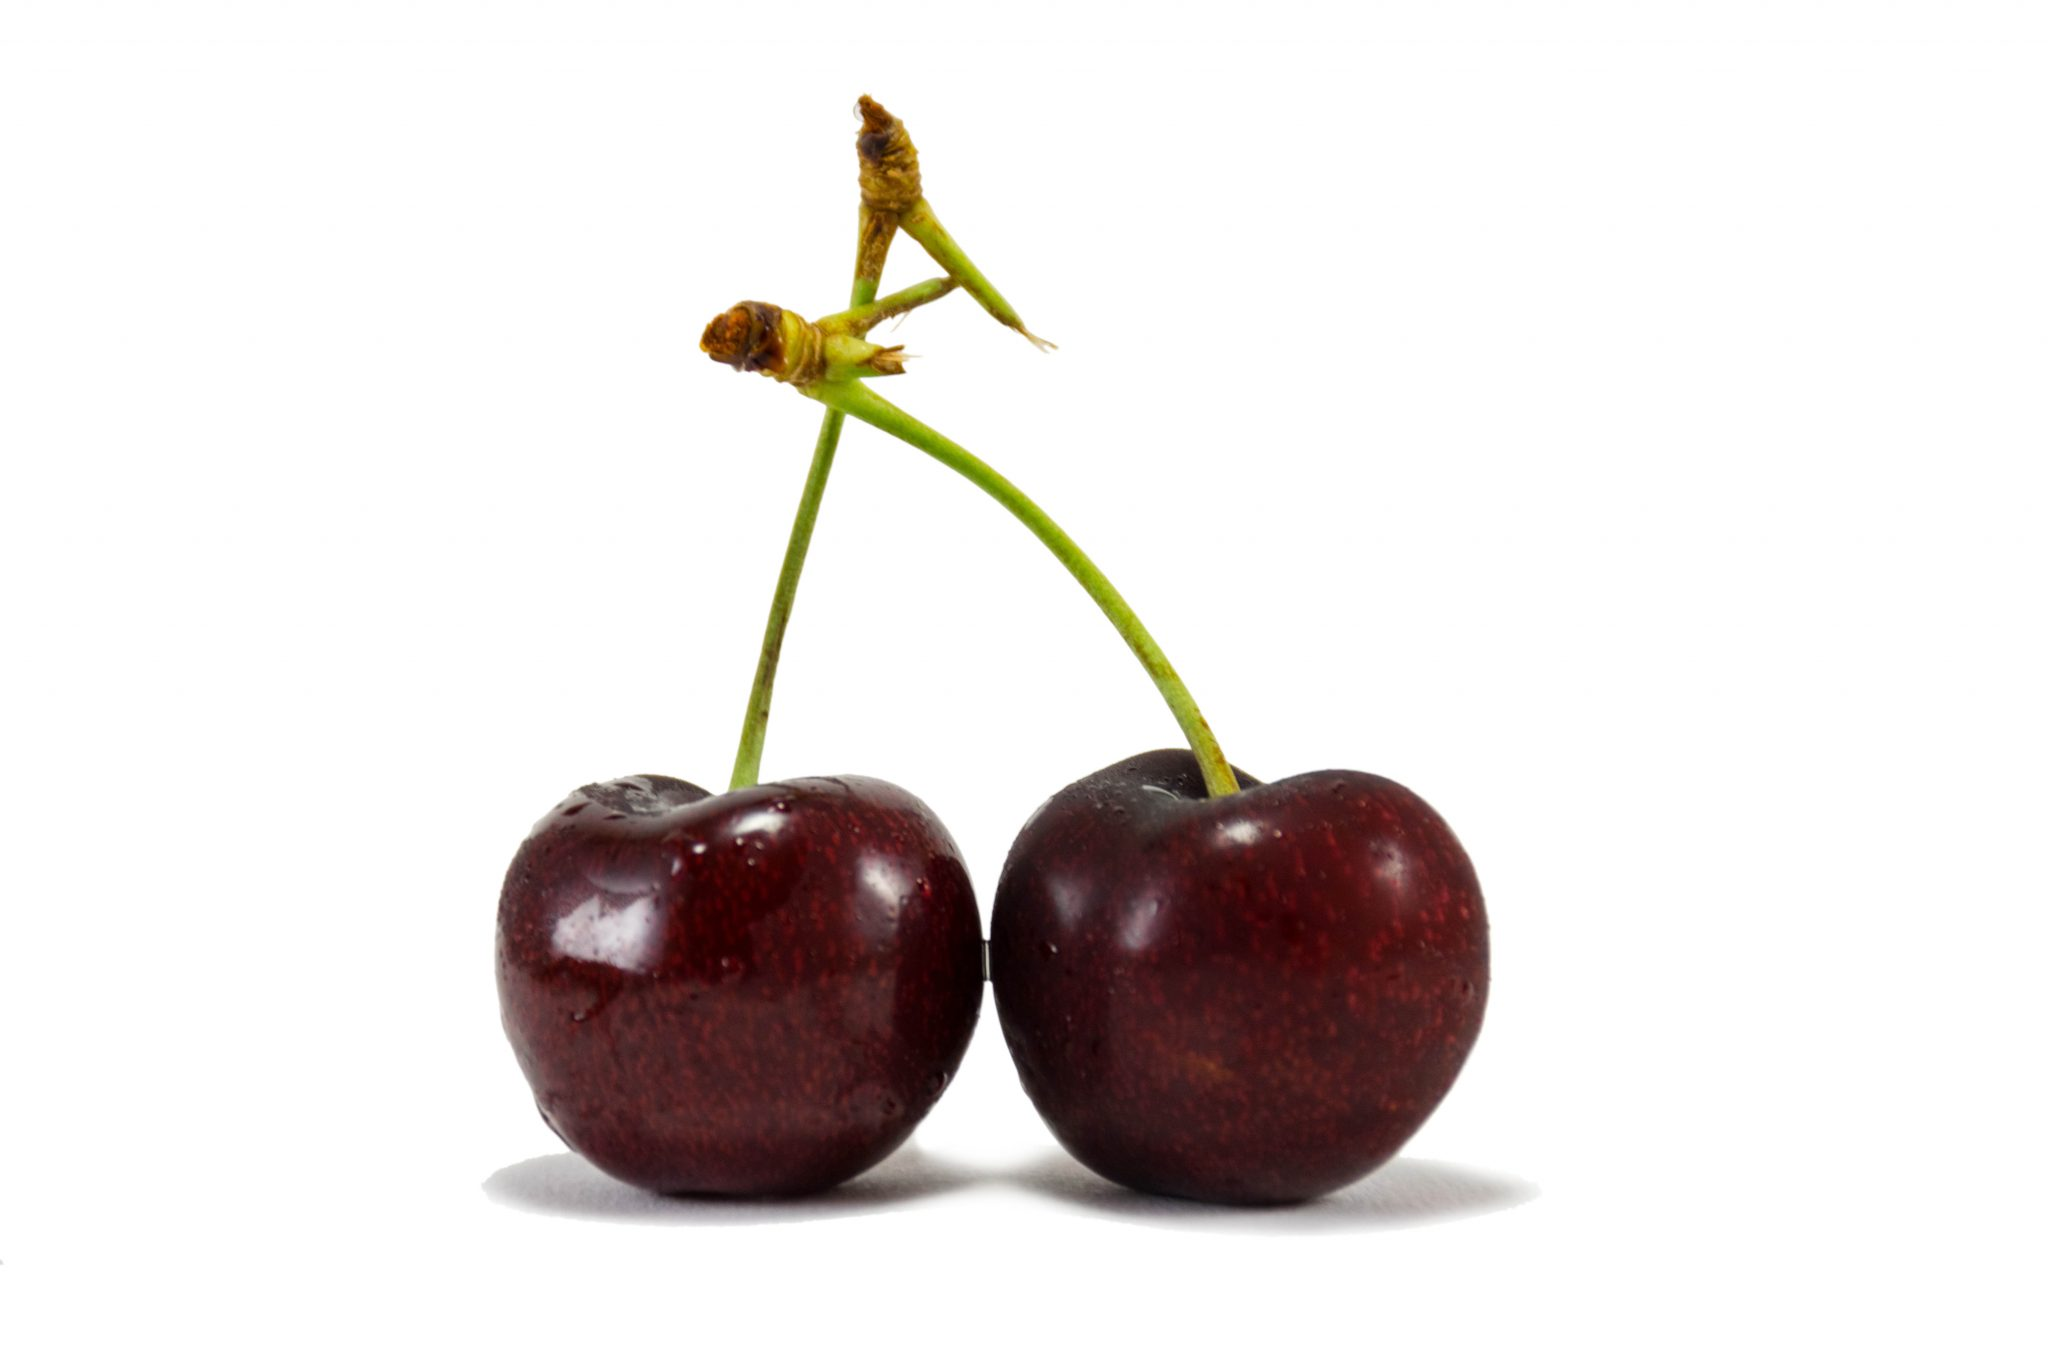 ผลไม้สด-Cherry